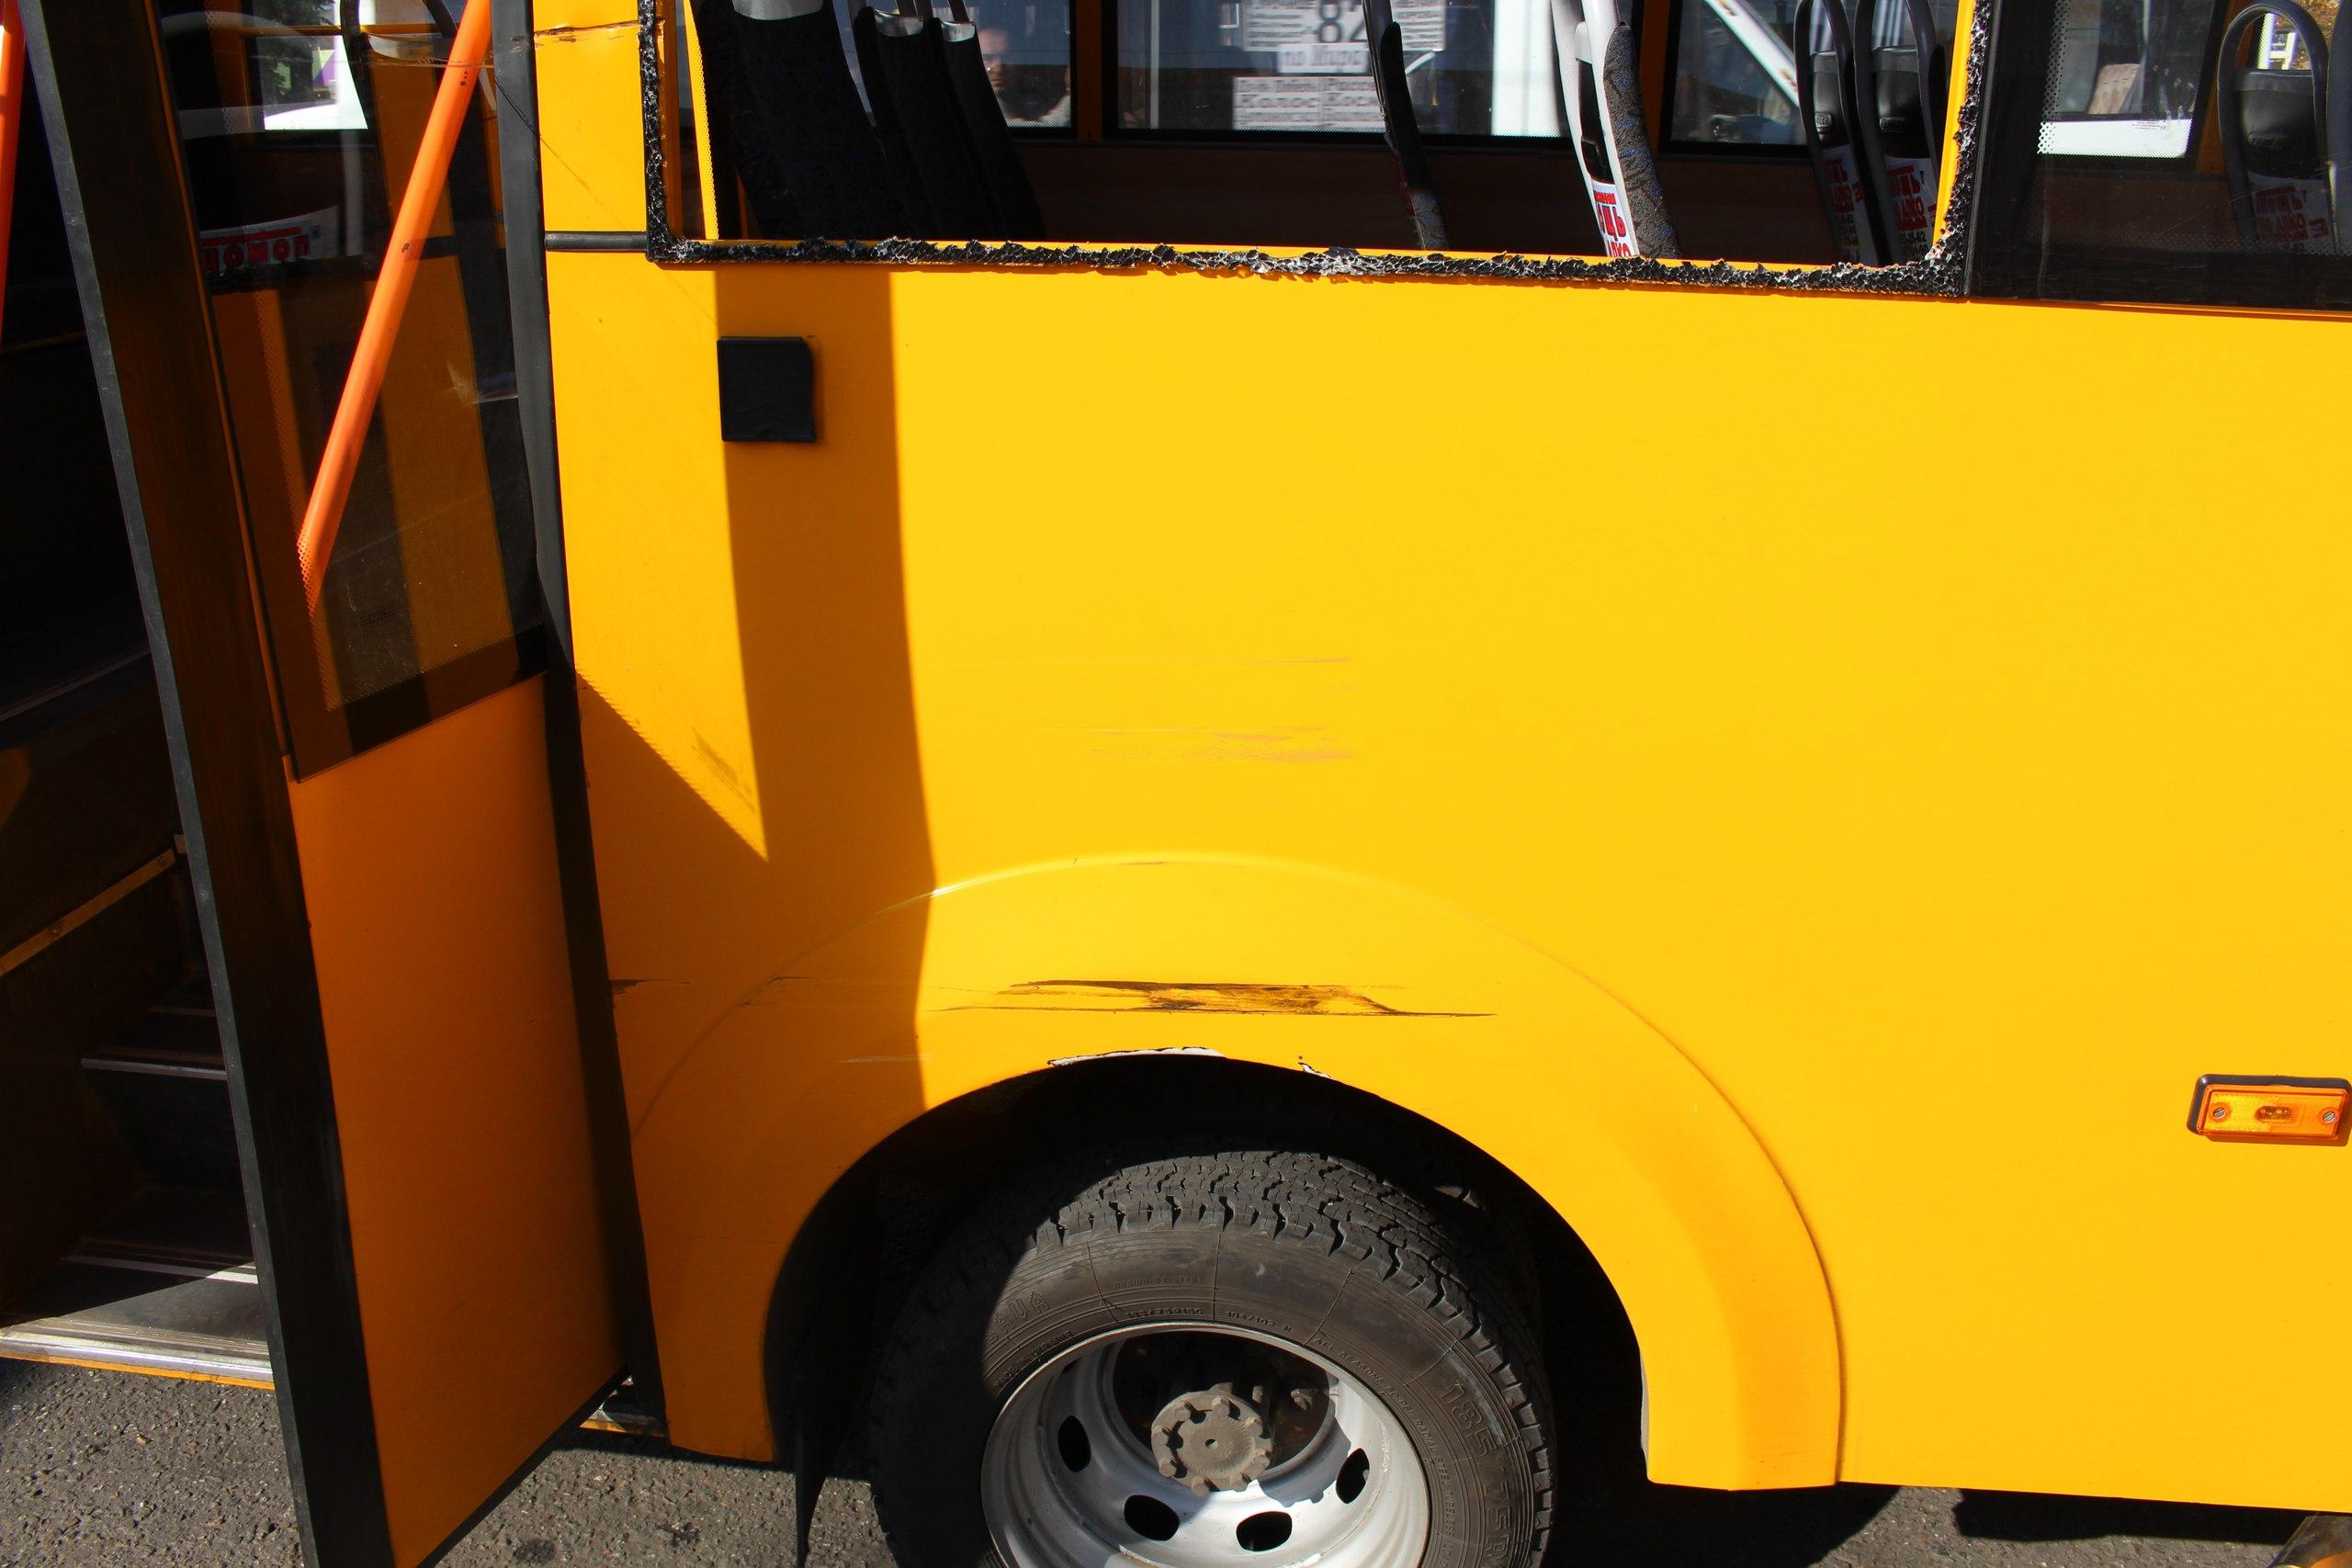 У Миколаєві біля зупинки зіткнулися тролейбус та маршрутка: є постраждалі